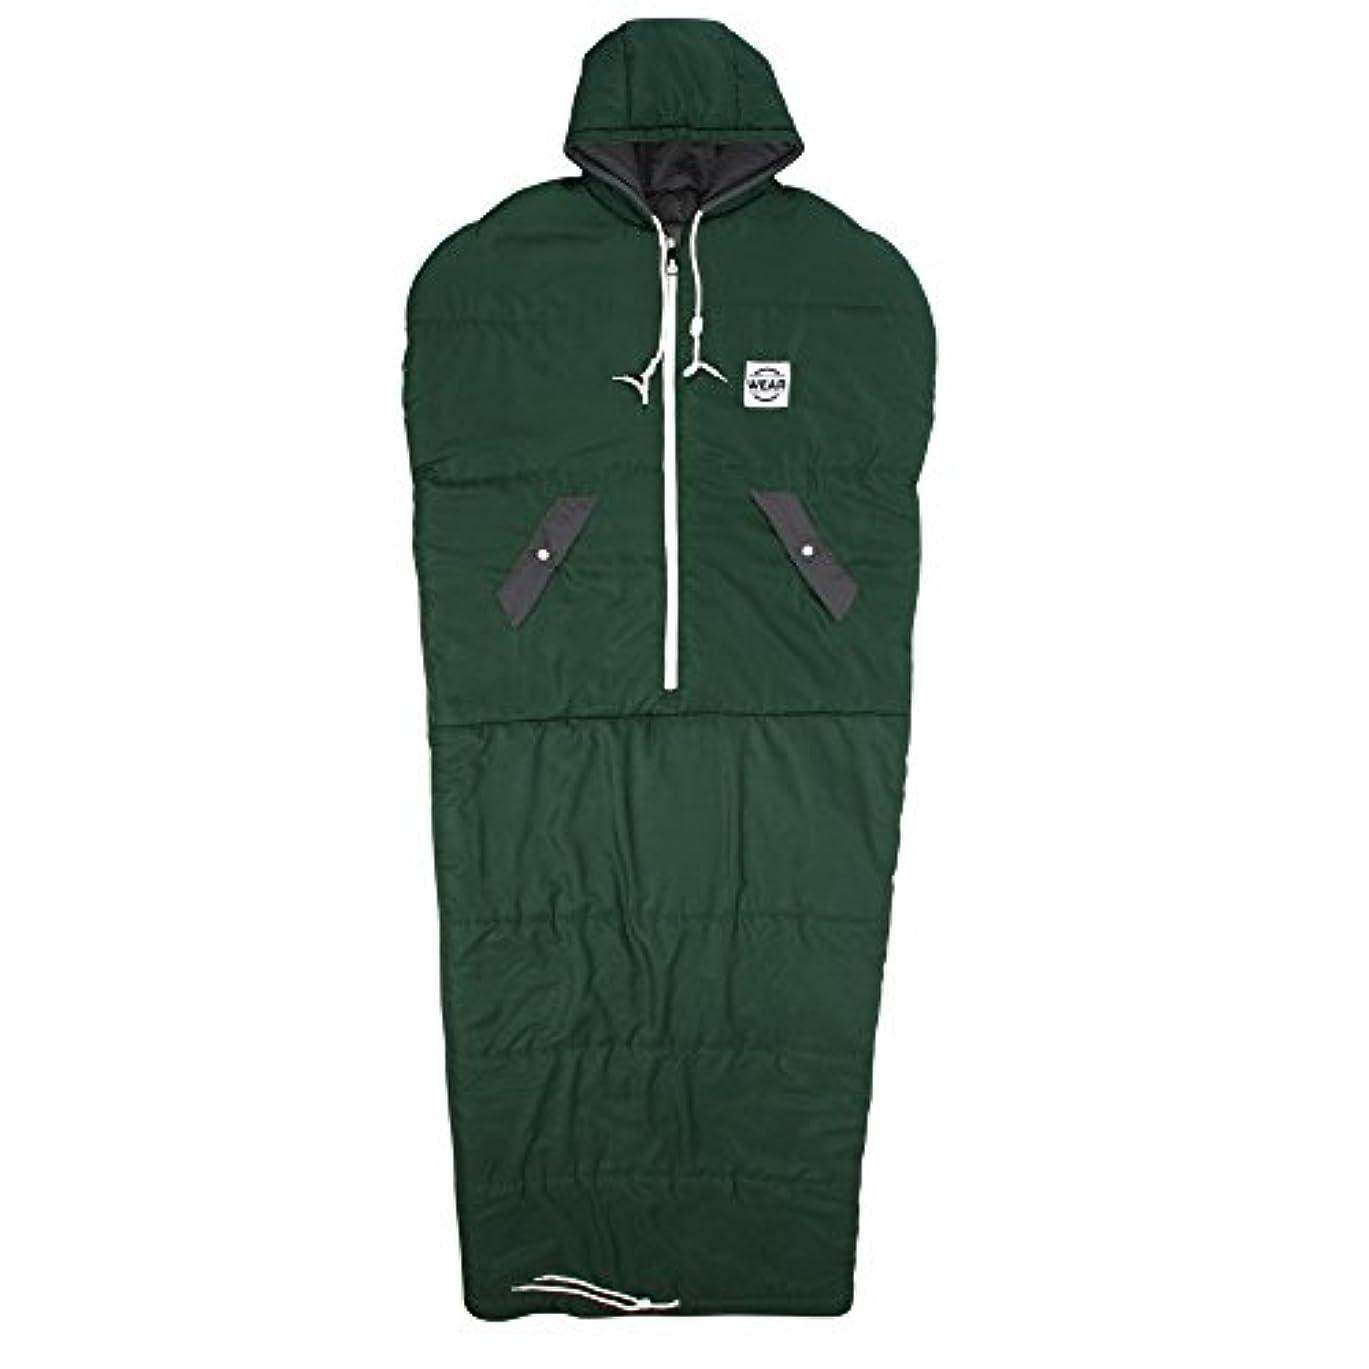 キッチンほんの地下室VINSONMASSIF (ヴィンソンマッシフ) ウェア スリーピングバッグ / 着る 寝袋 シュラフ / Wear Sleeping Bag [並行輸入品]